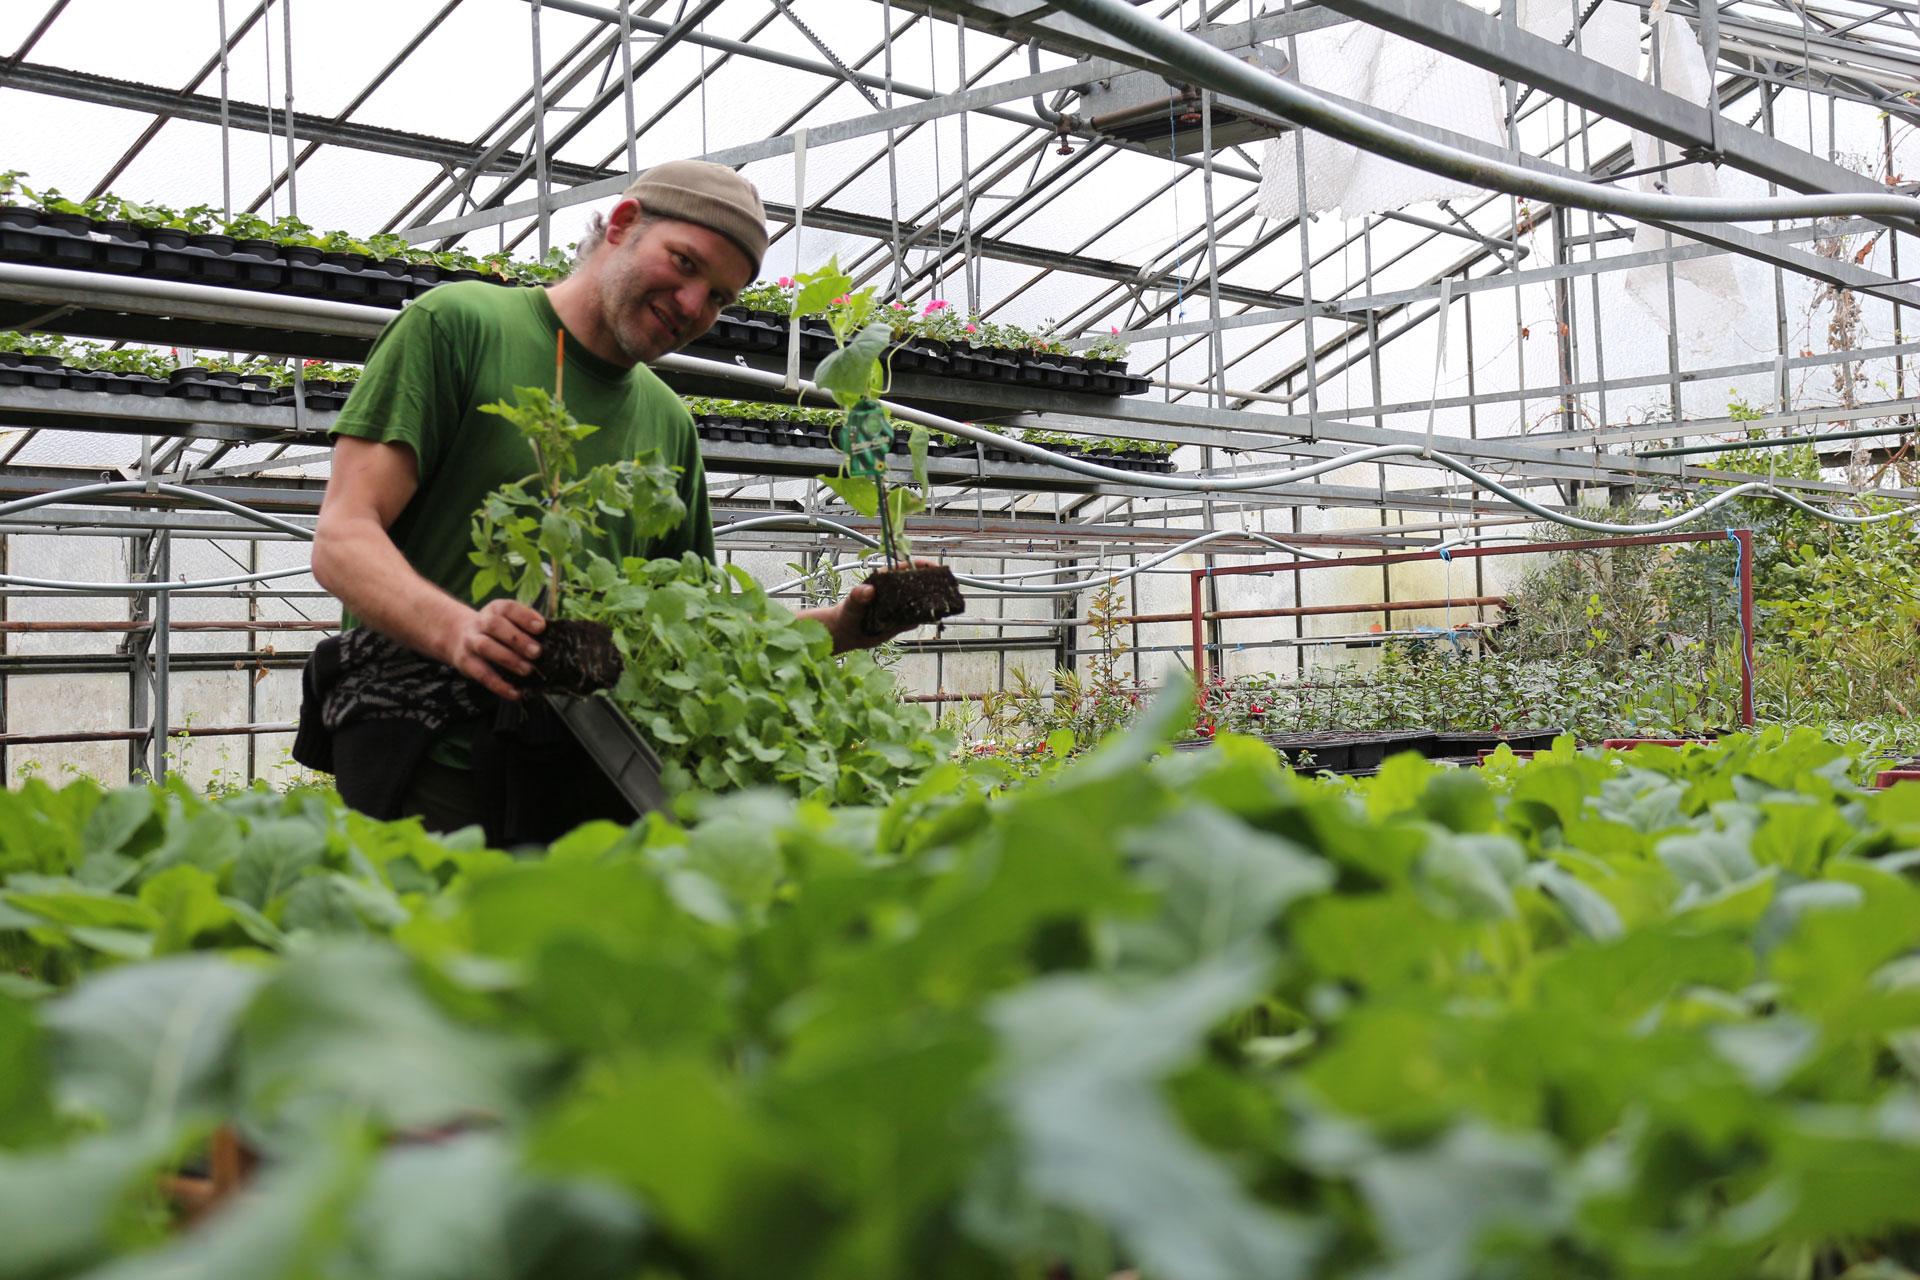 Gartenarbeit März für Garten, Gemüse, Blumen